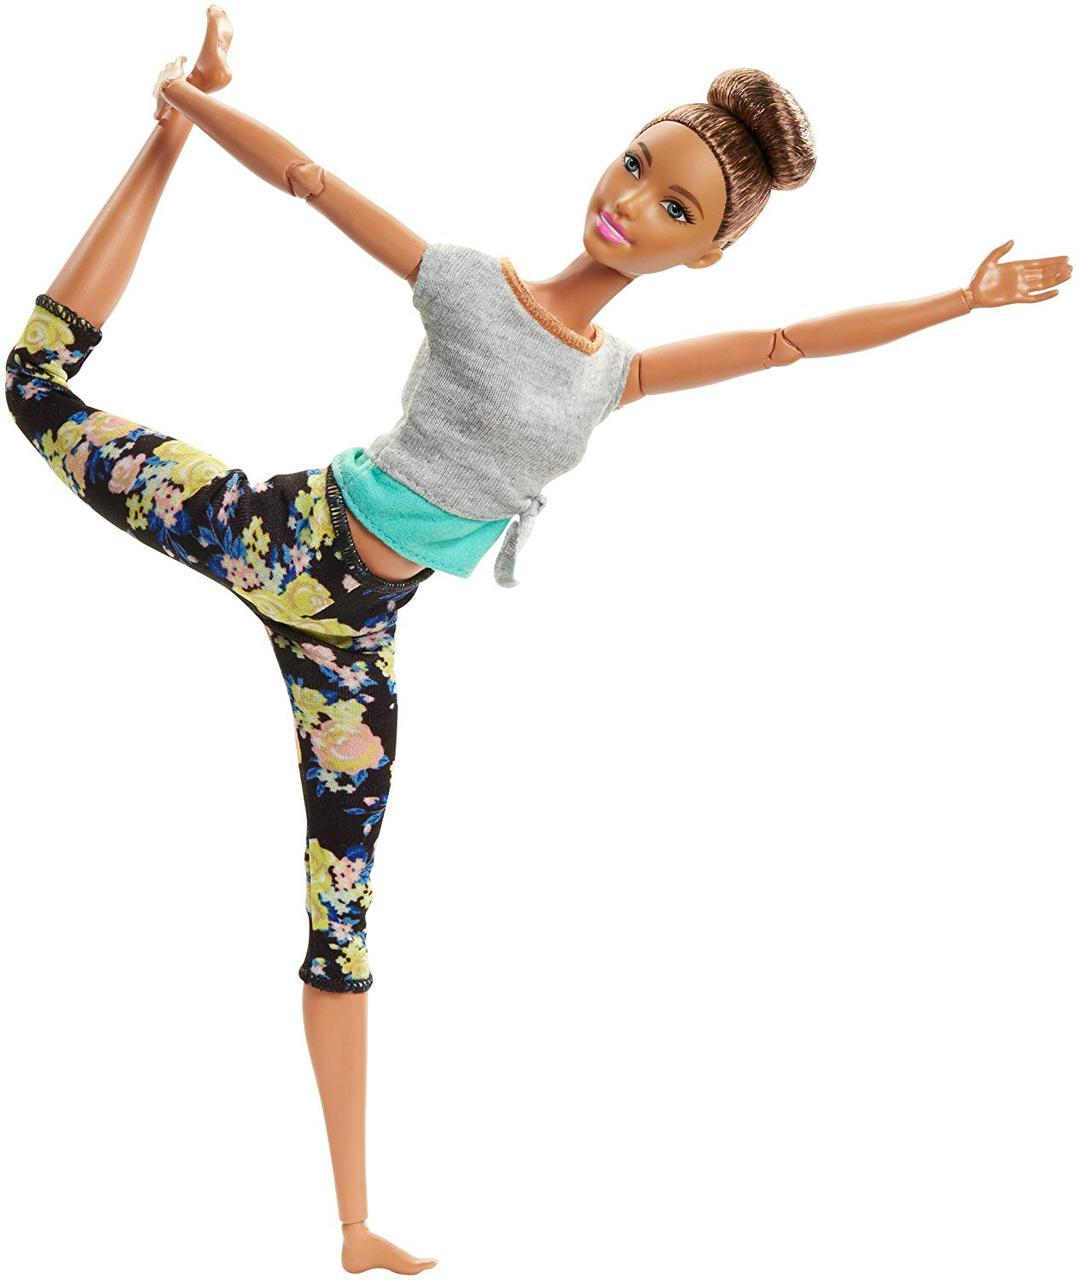 Кукла Барби Йога из серии Безграничные движения Брюнетка  ( Barbie Made To Move Doll, Brunette)